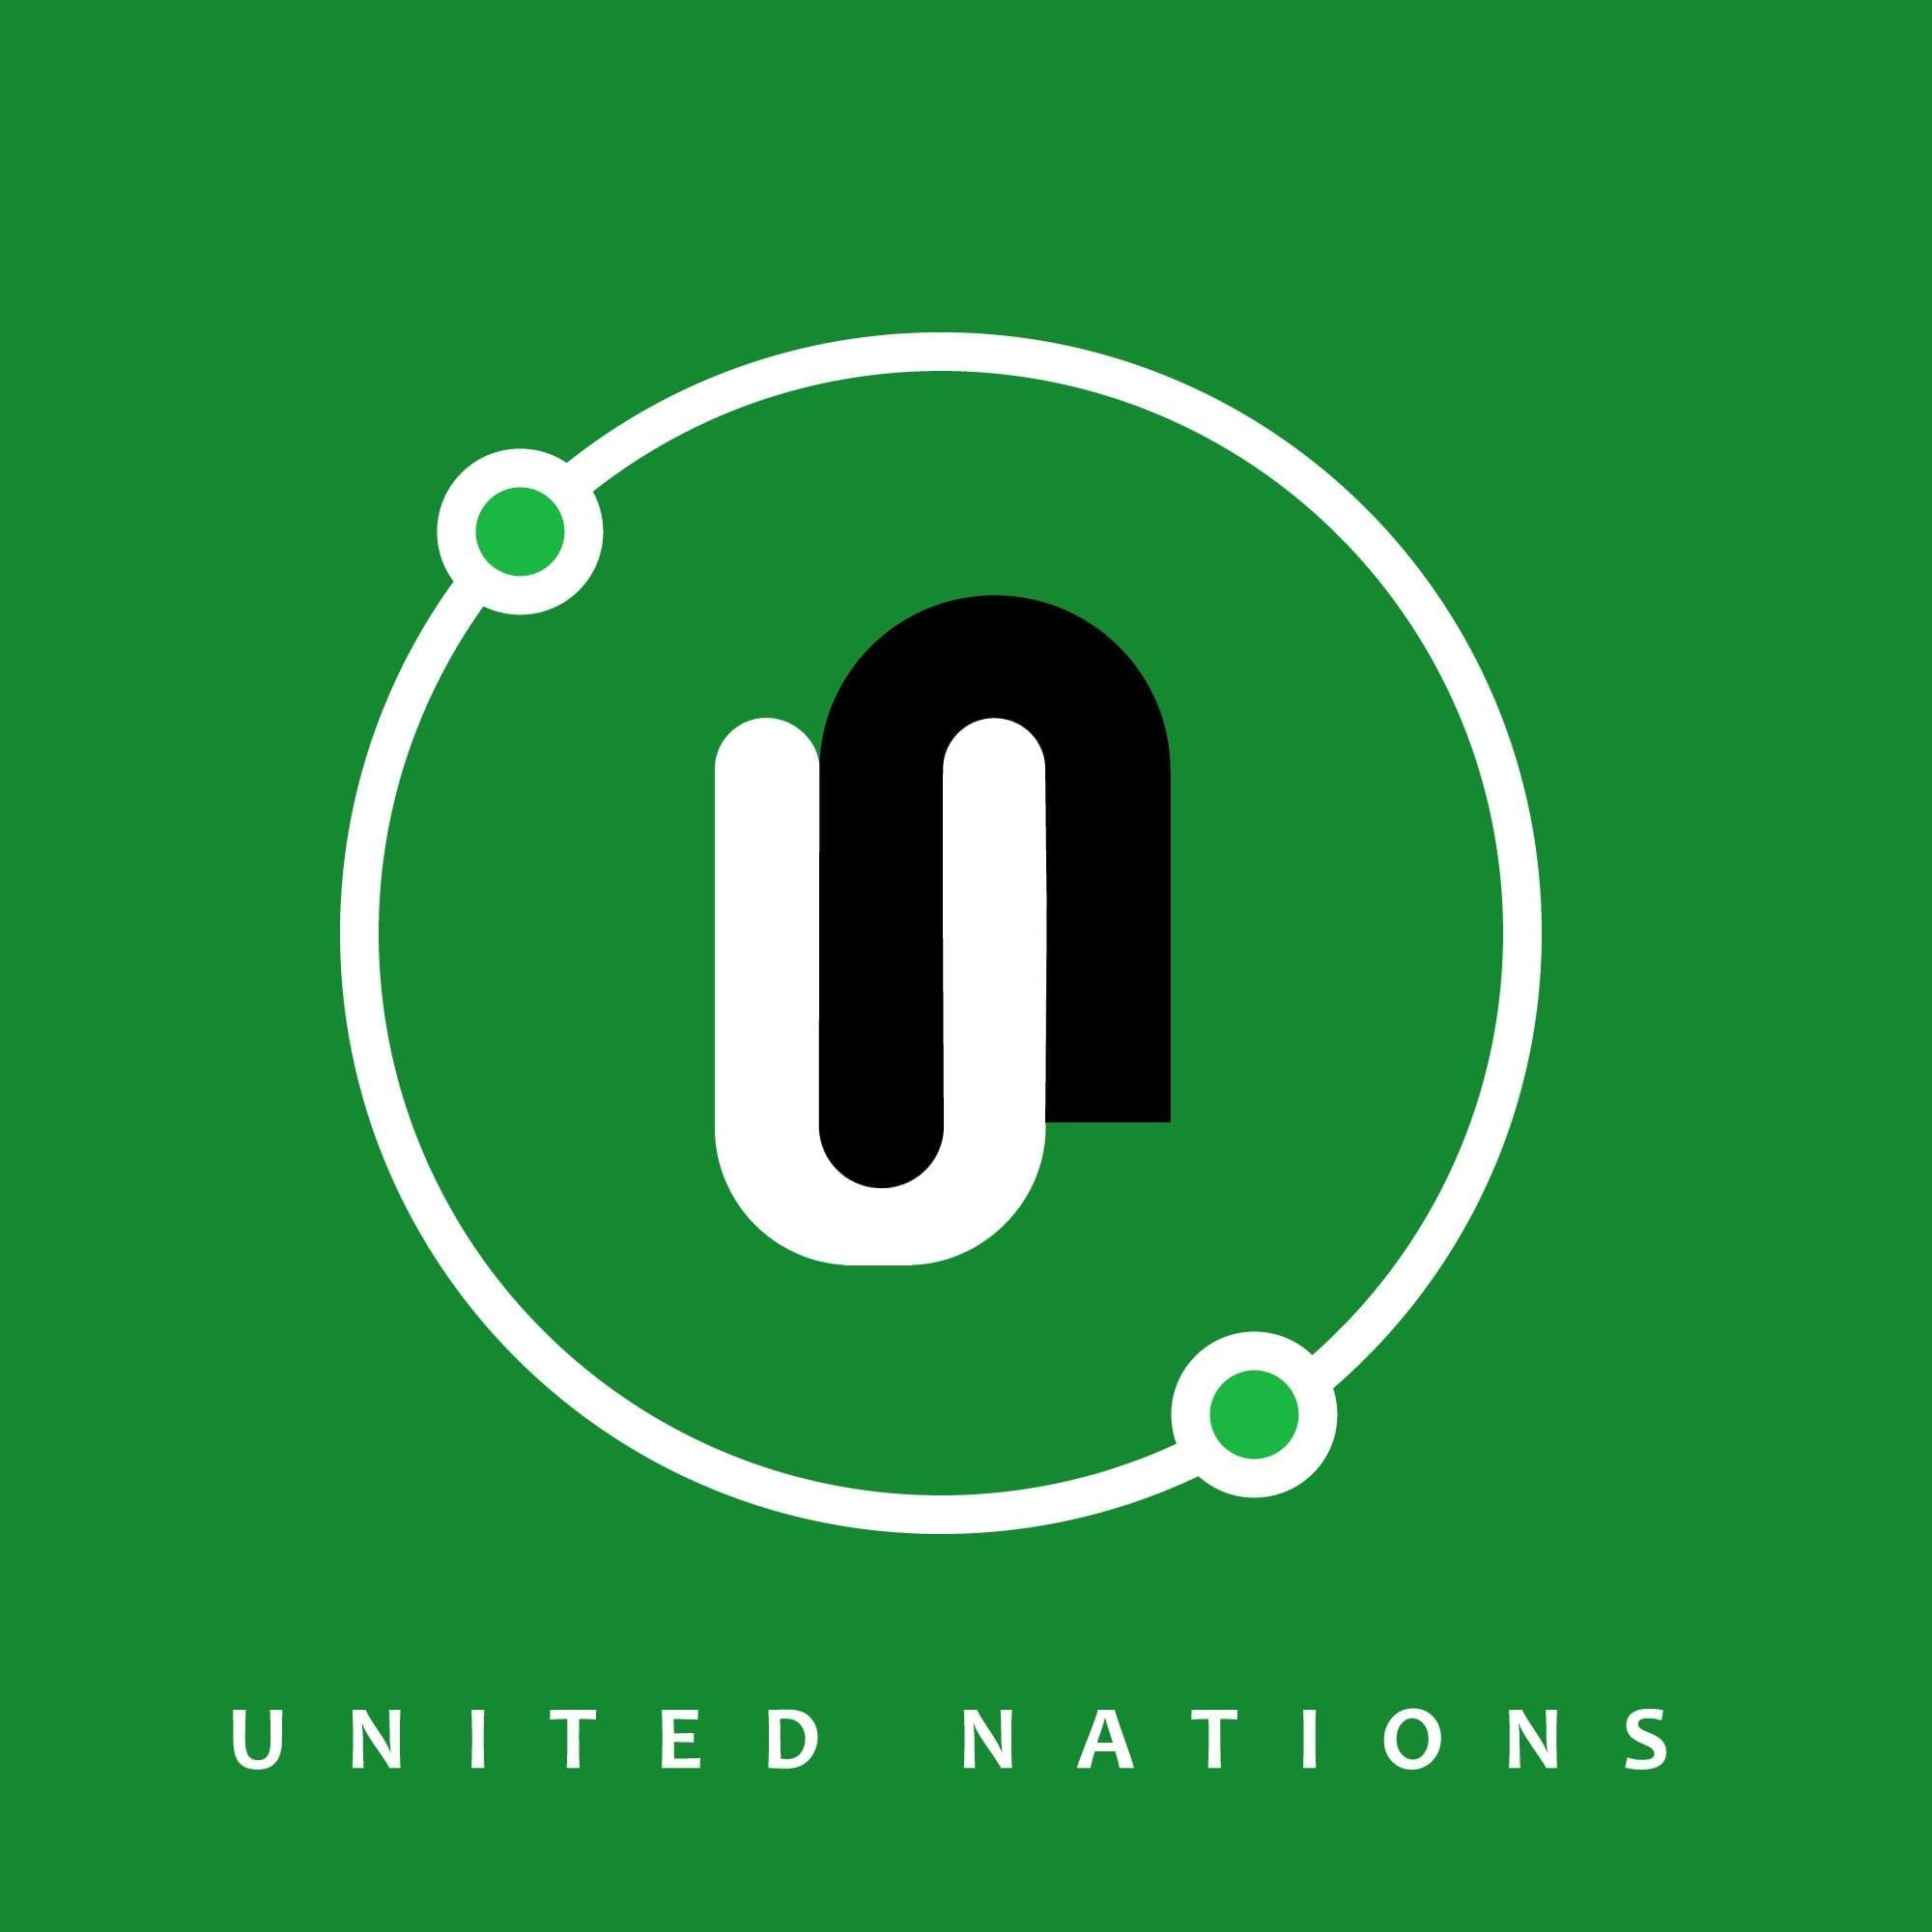 logos011